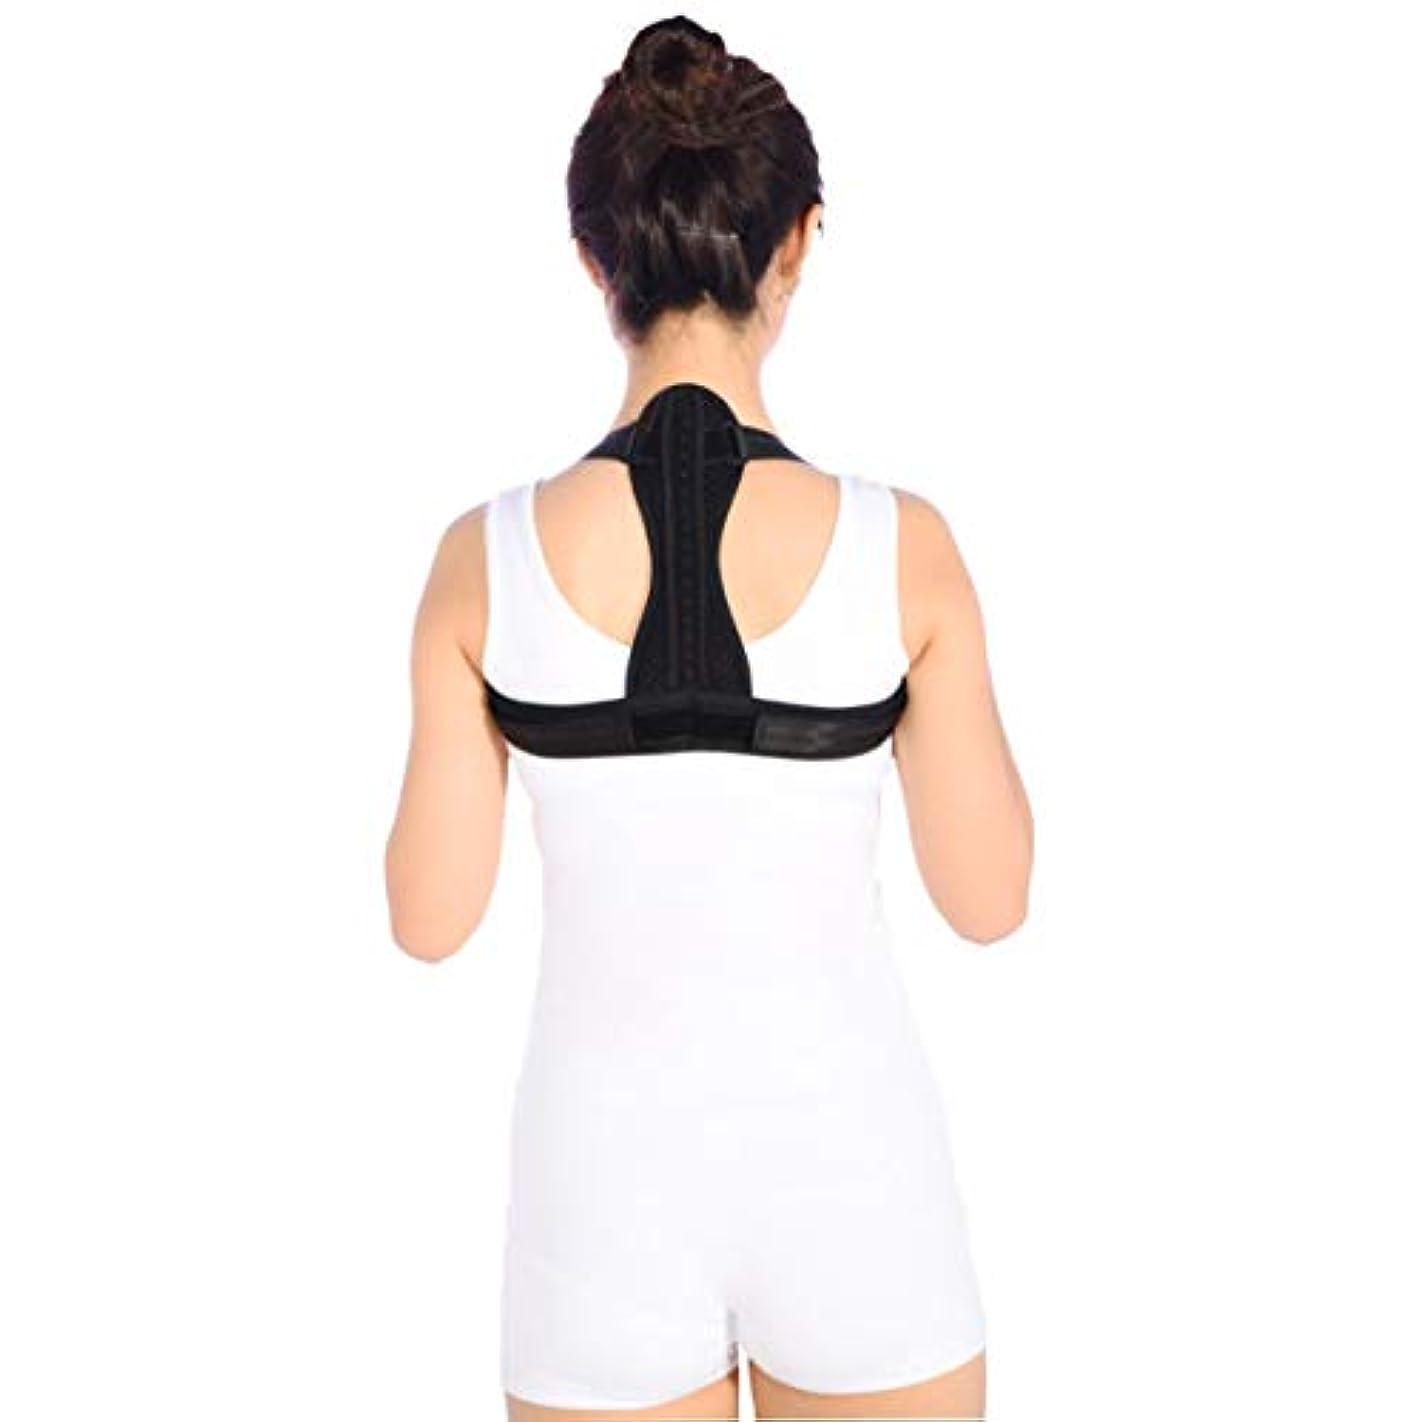 居眠りする結果絶壁通気性の脊柱側弯症ザトウクジラ補正ベルト調節可能な快適さ目に見えないベルト男性女性大人学生子供 - 黒